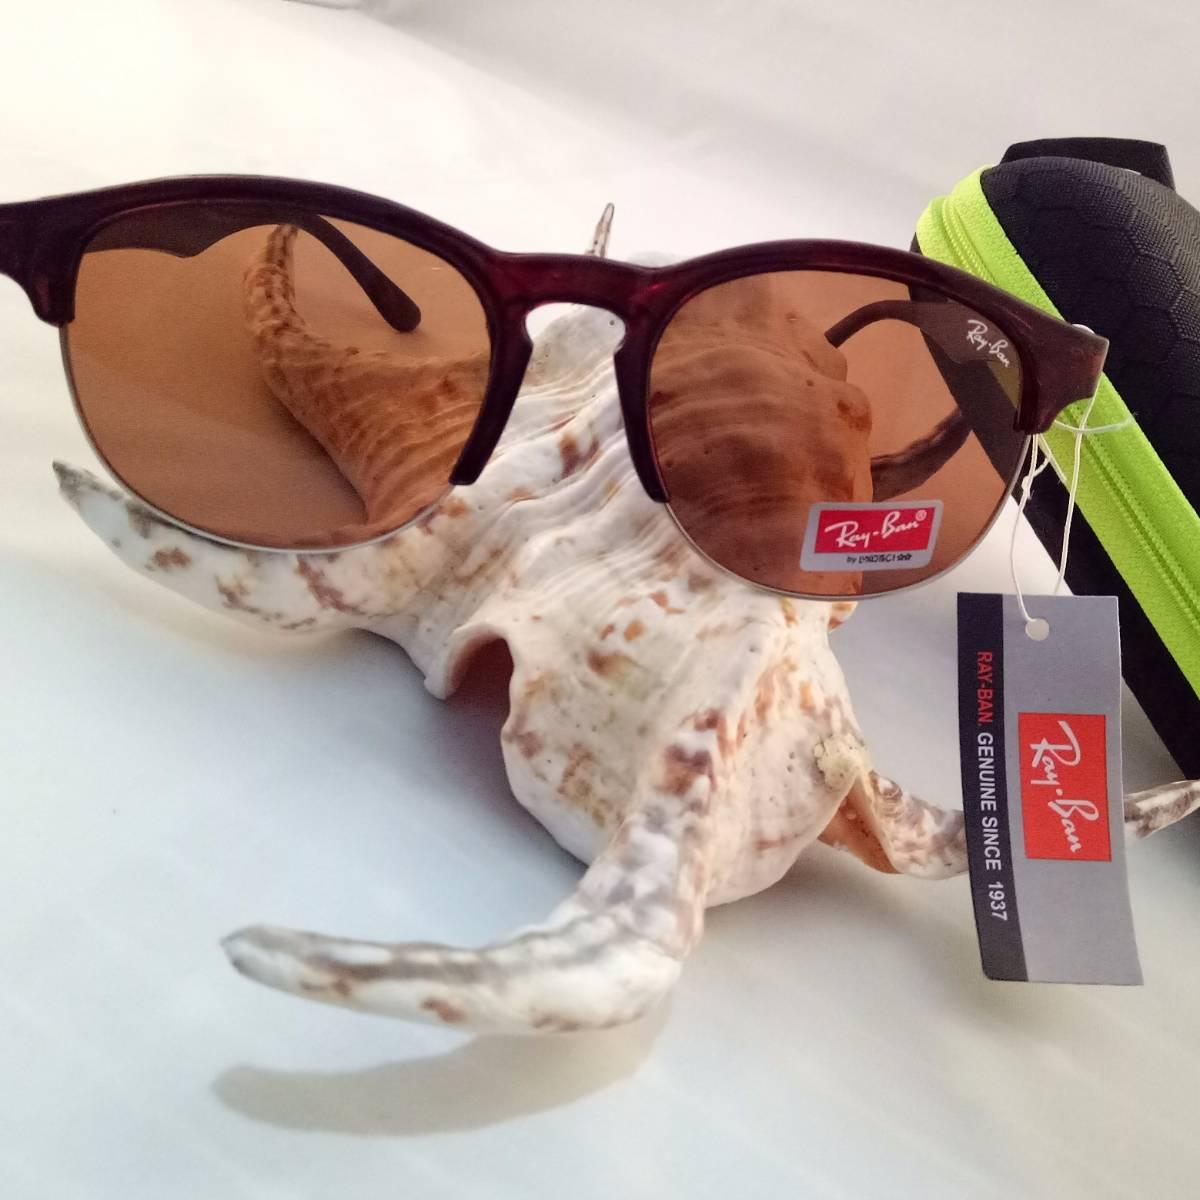 Kacamata Rayban F1 Brown